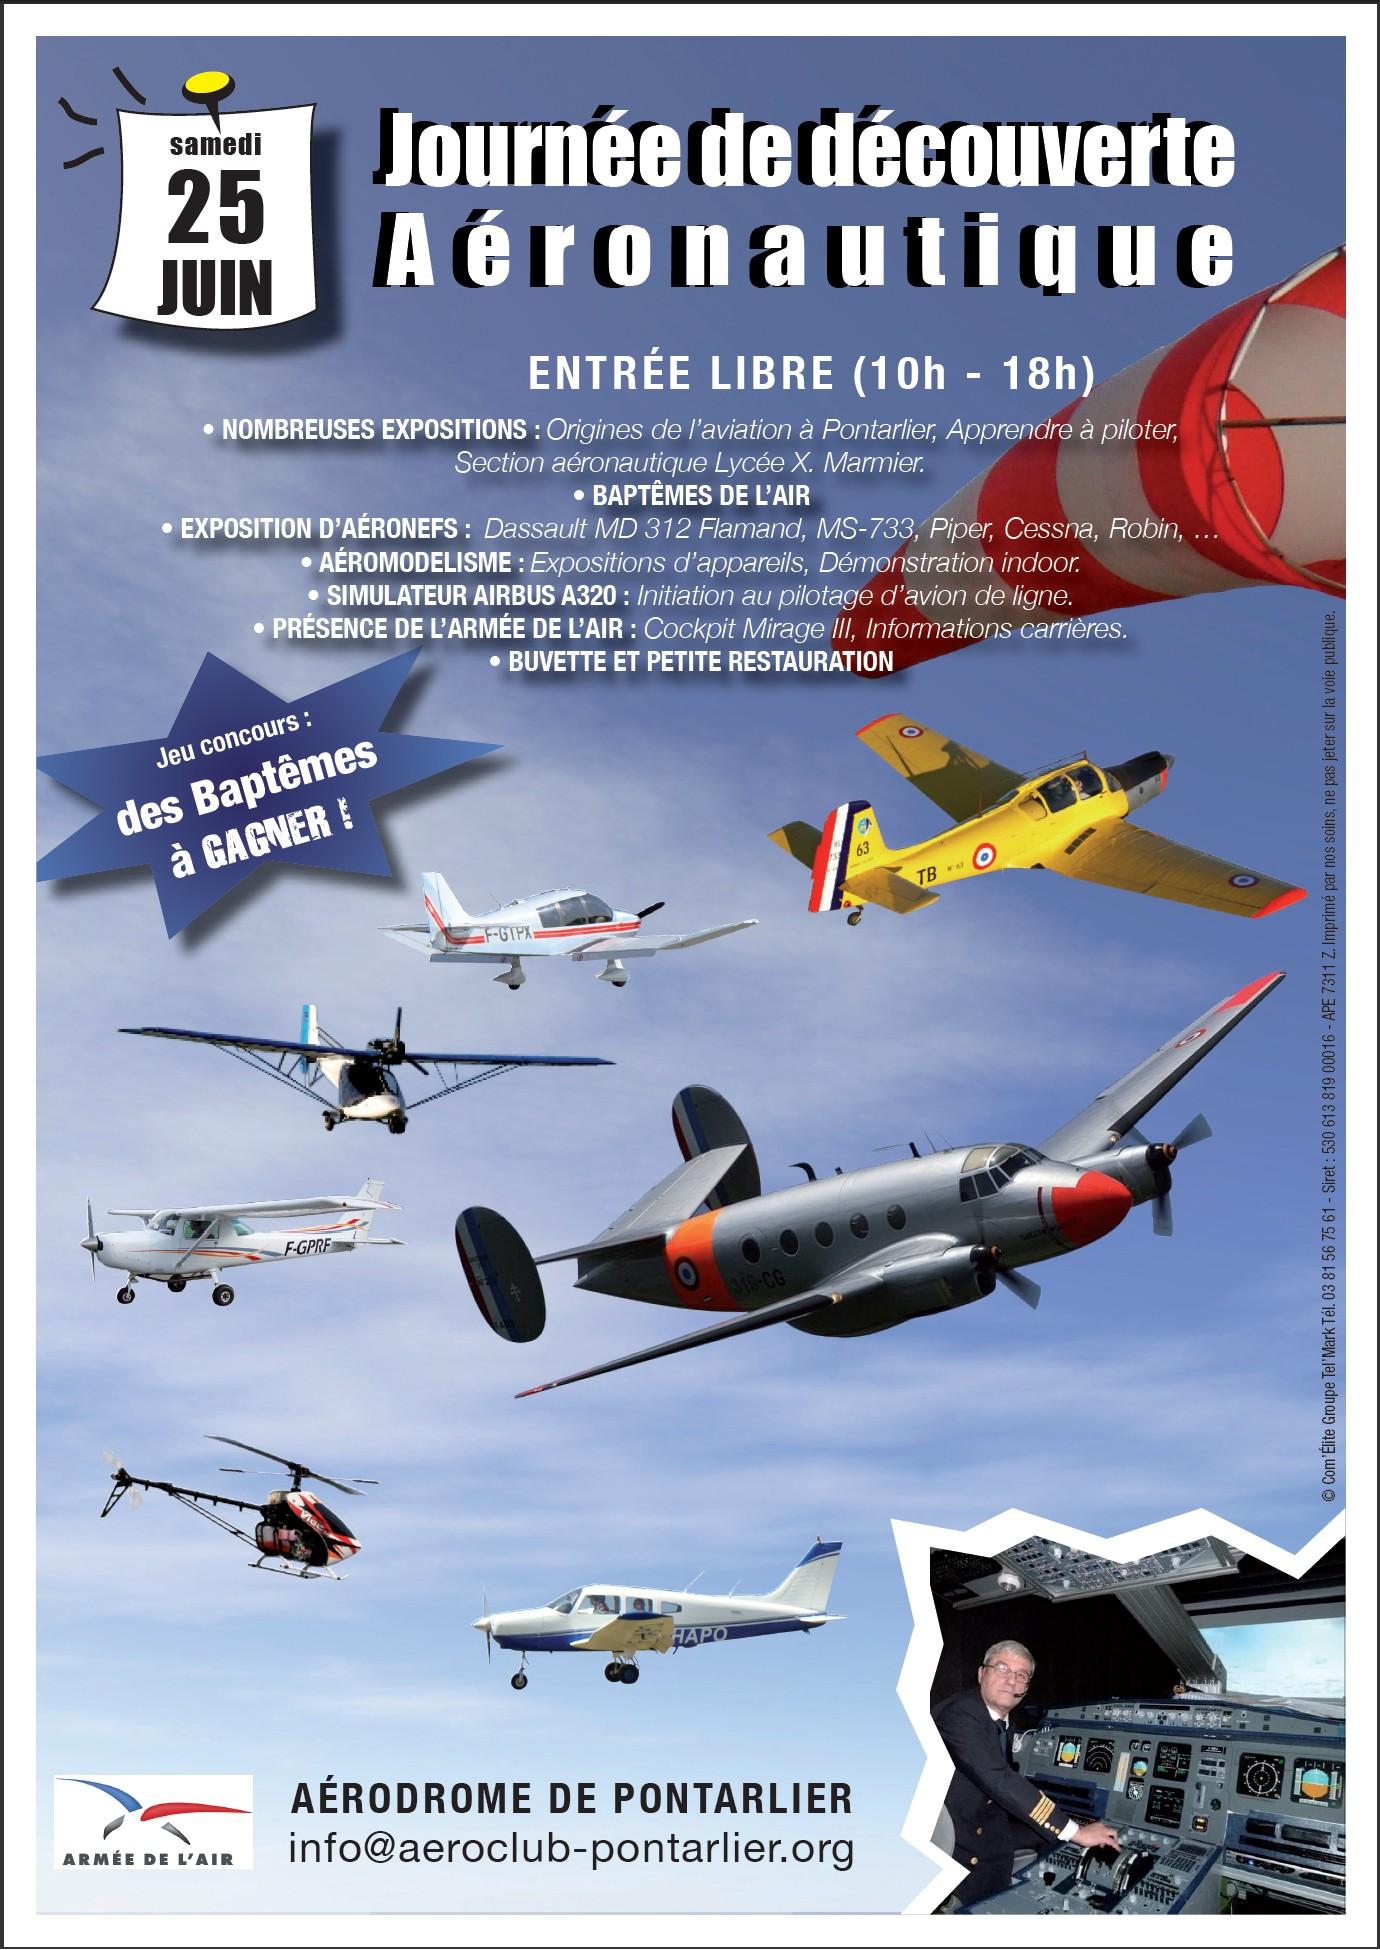 Journée Découverte Aéronautique - Aérodrome de Pontarlier - 25 juin 2011